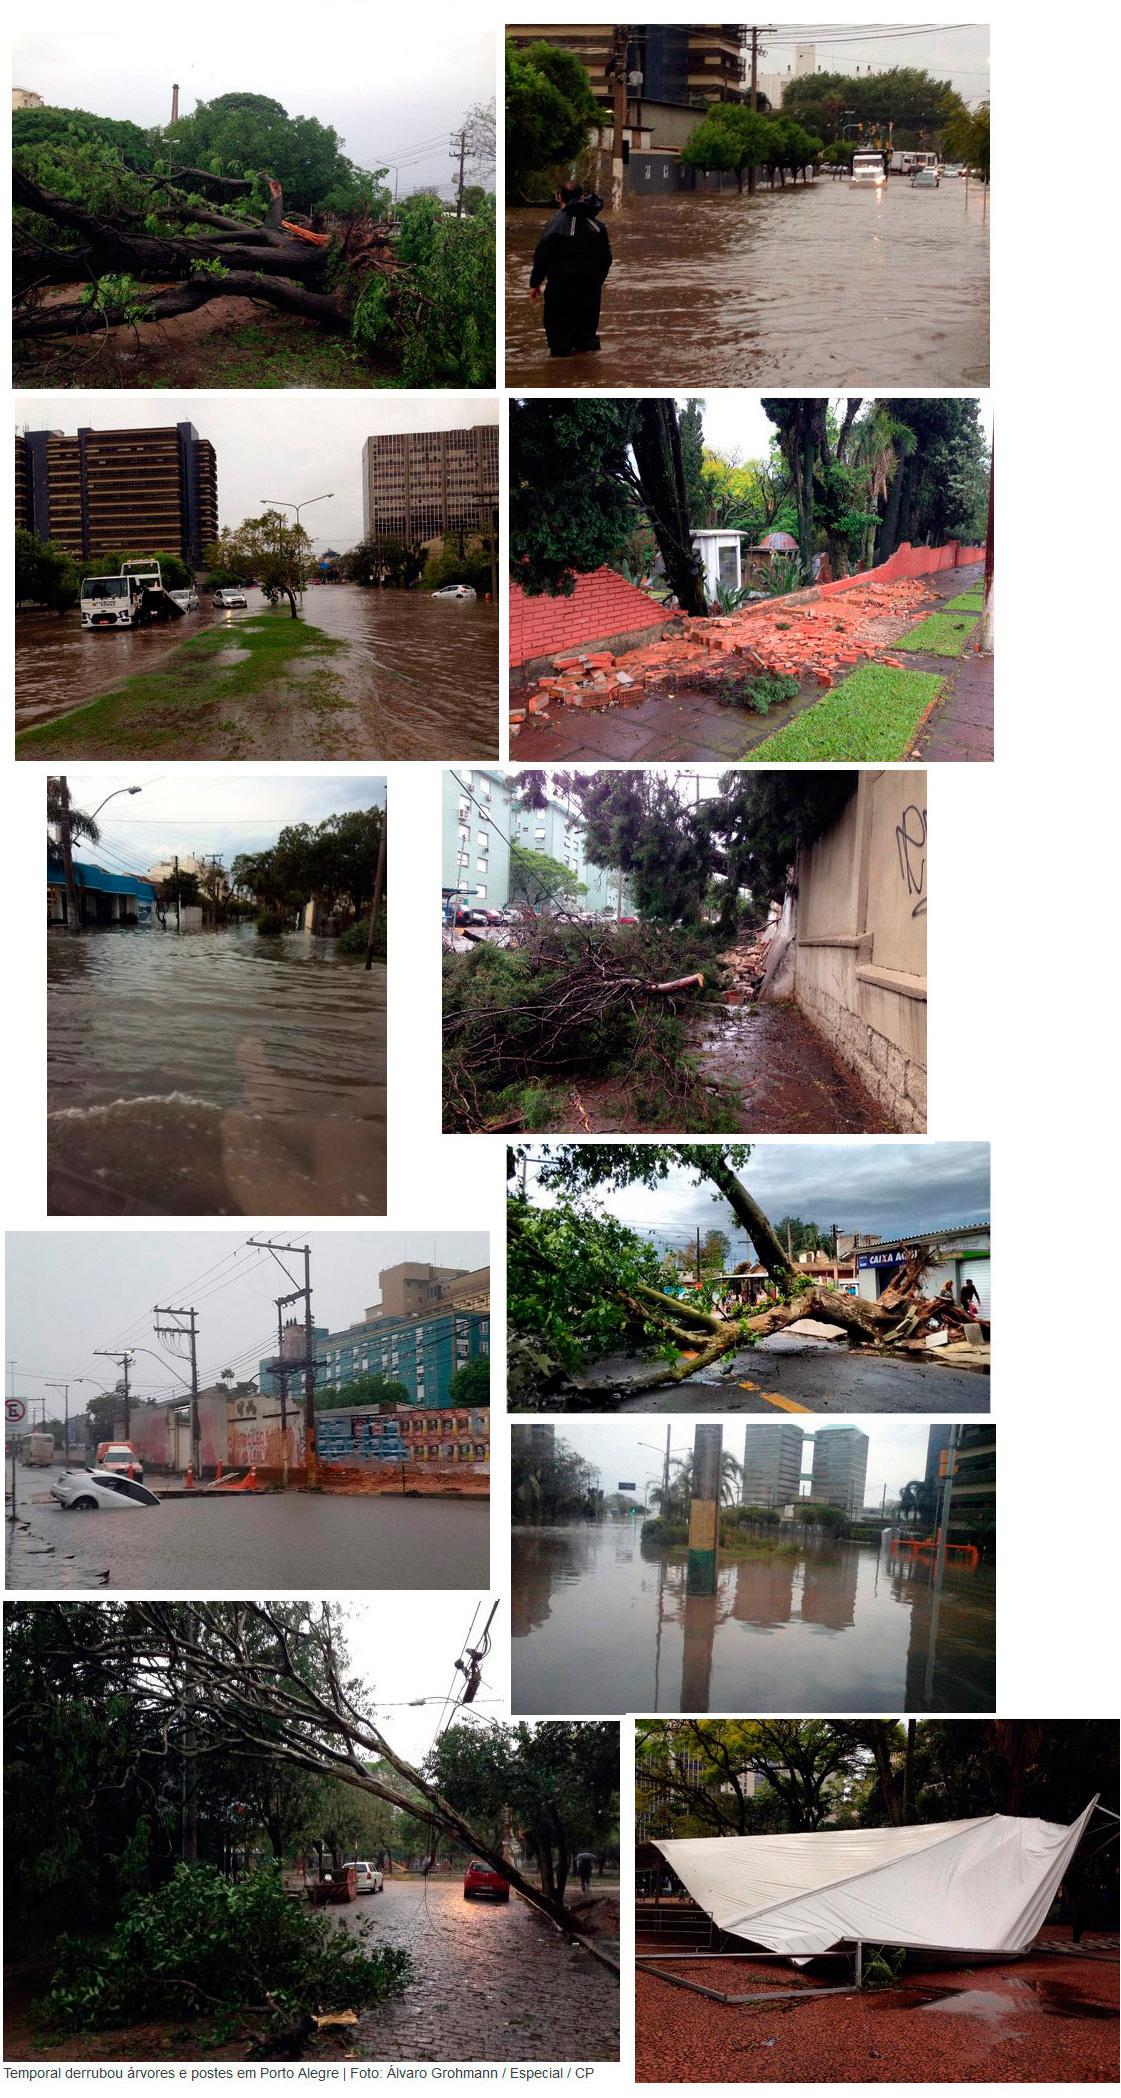 #845347  de fotos dos estragos do temporal desta semana em Porto Alegre 544 Janelas Em Aluminio Em Porto Alegre